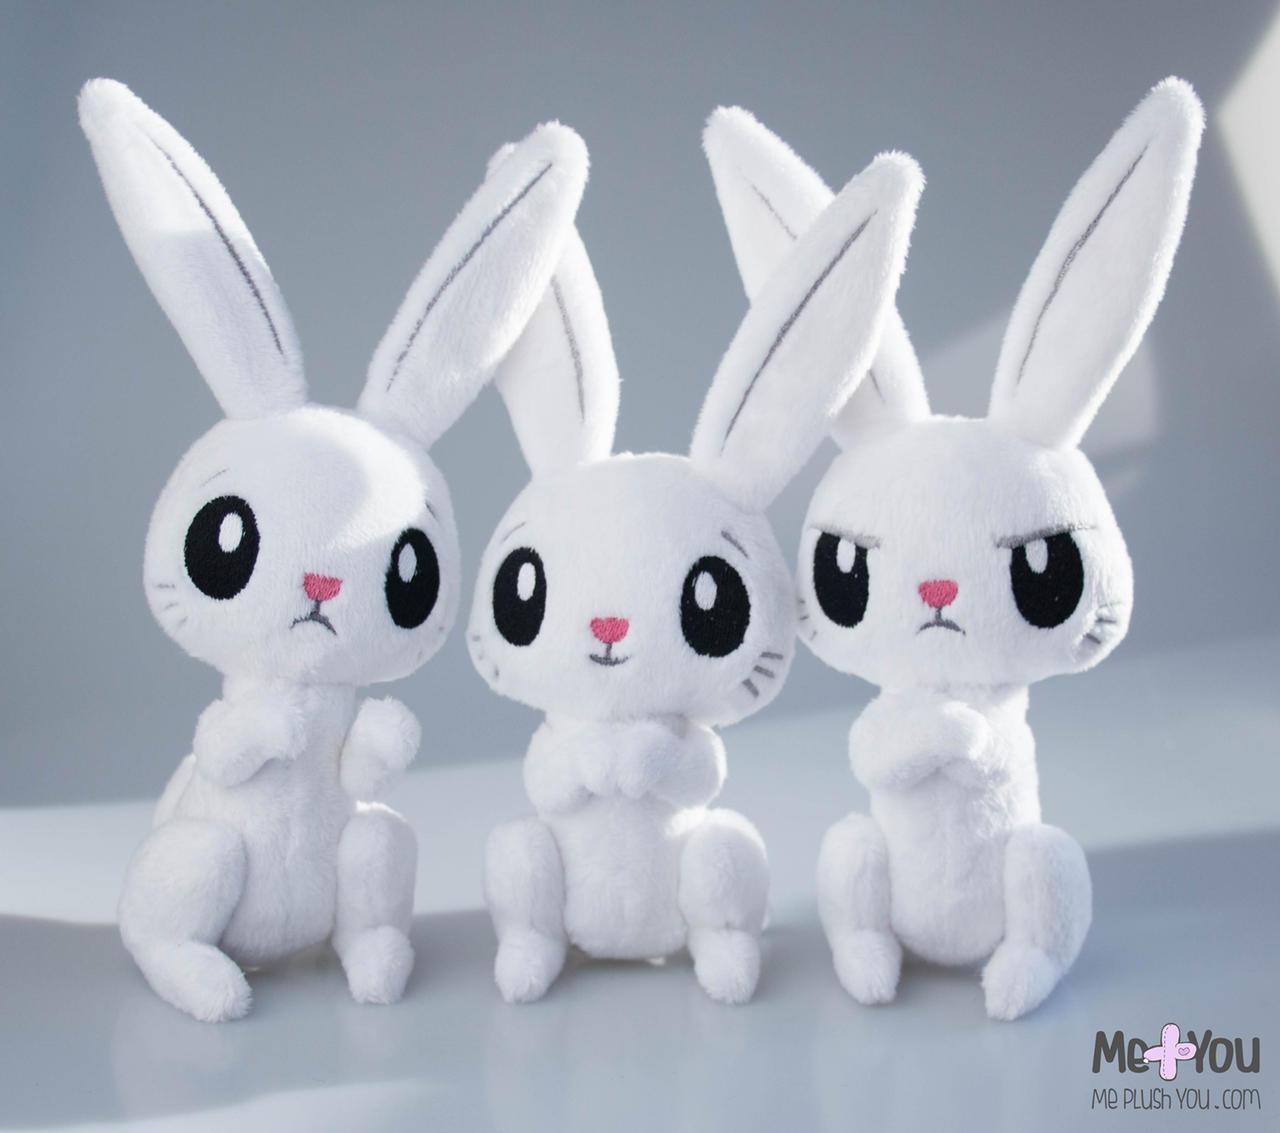 Angel bunnies